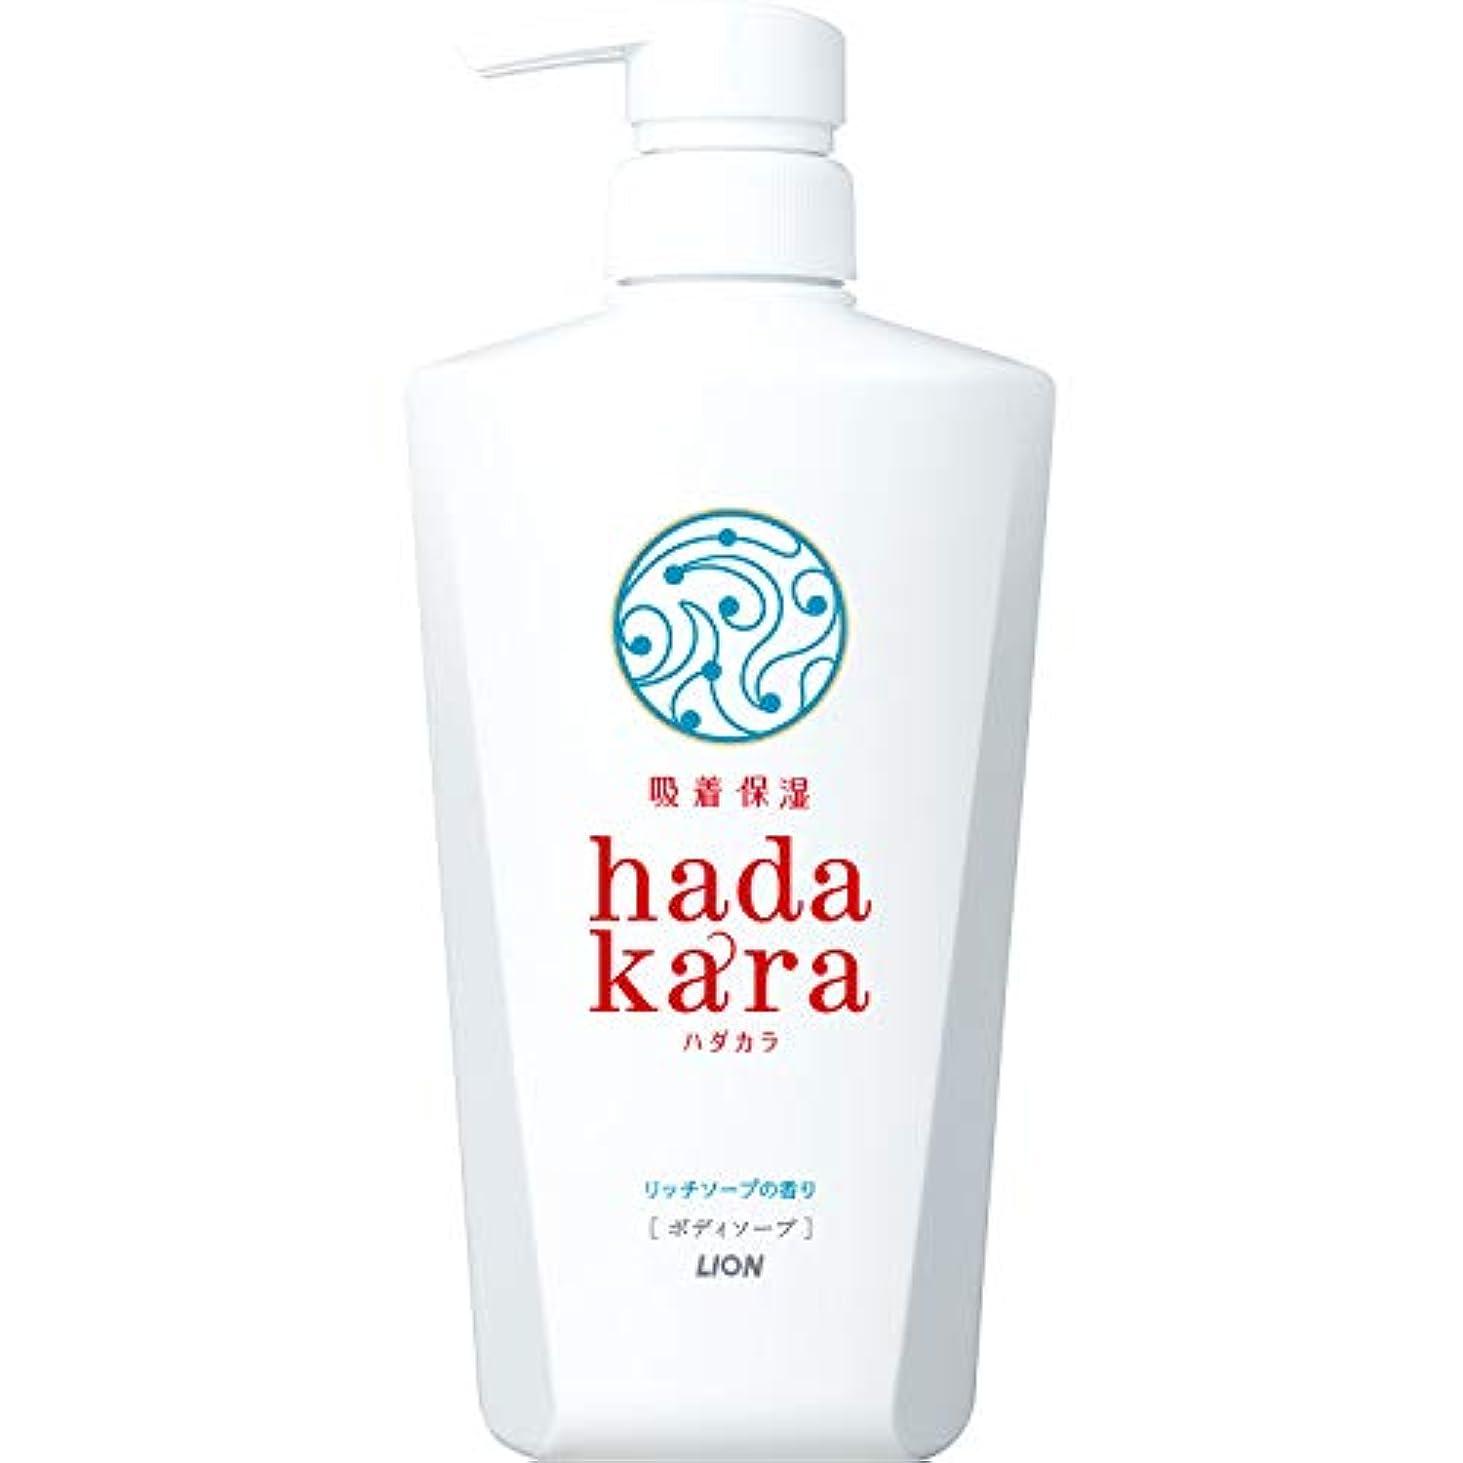 無力回路ペーストhadakara(ハダカラ) ボディソープ リッチソープの香り 本体 500ml